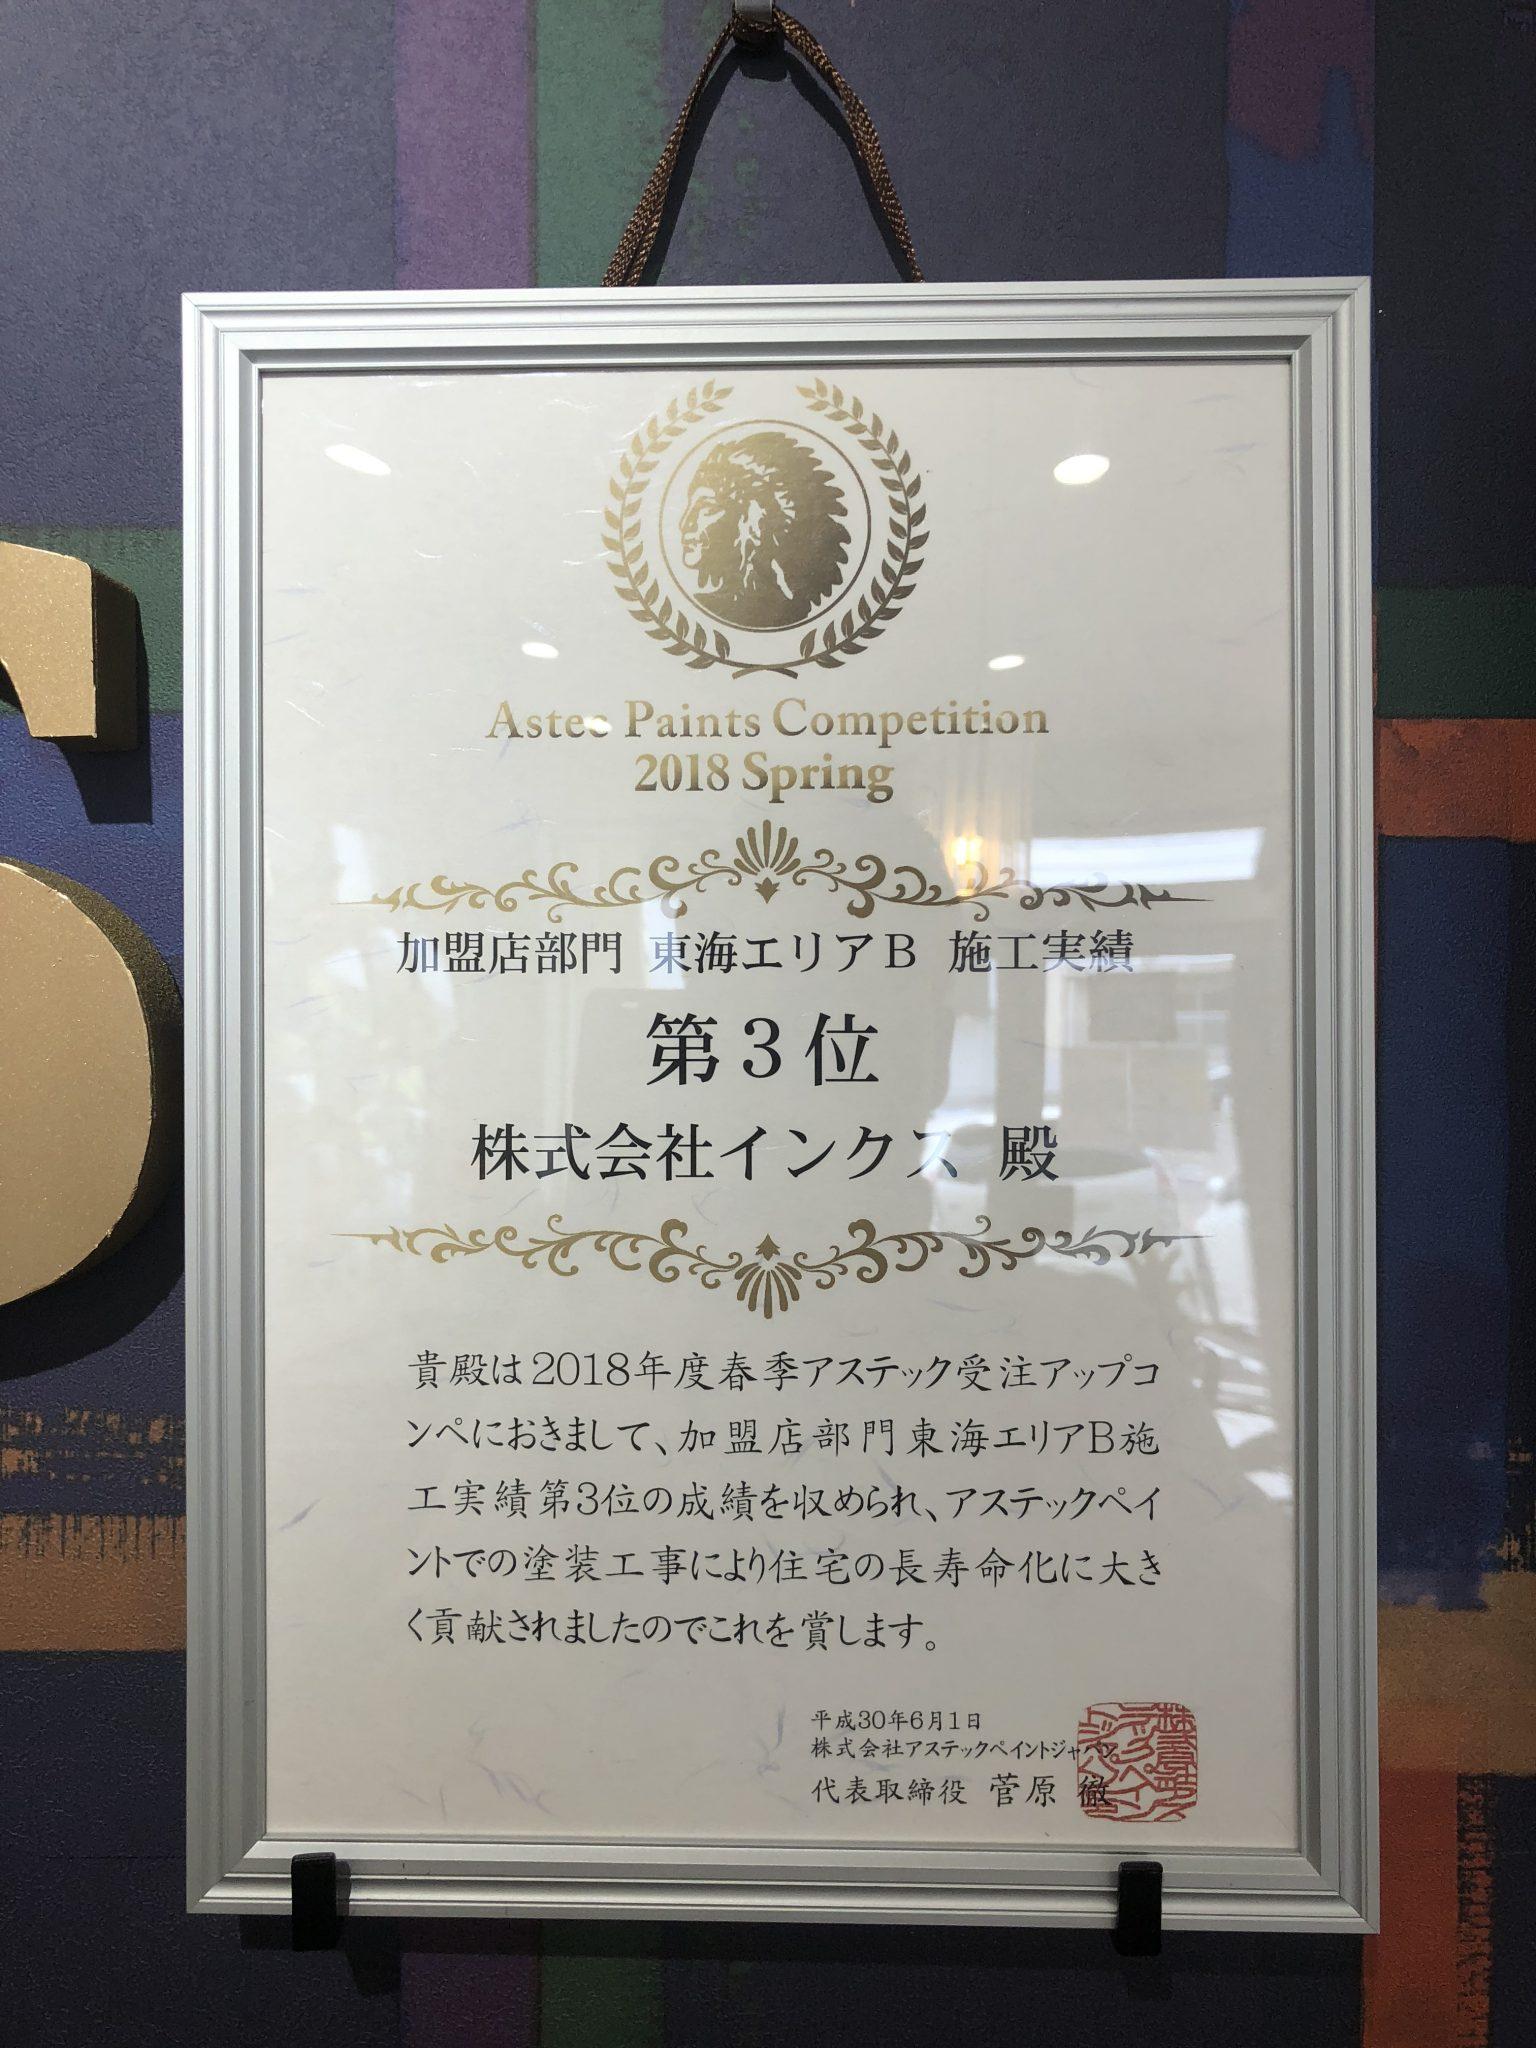 ☆施工実績 第3位☆ 表彰状をいただきました。 (1)